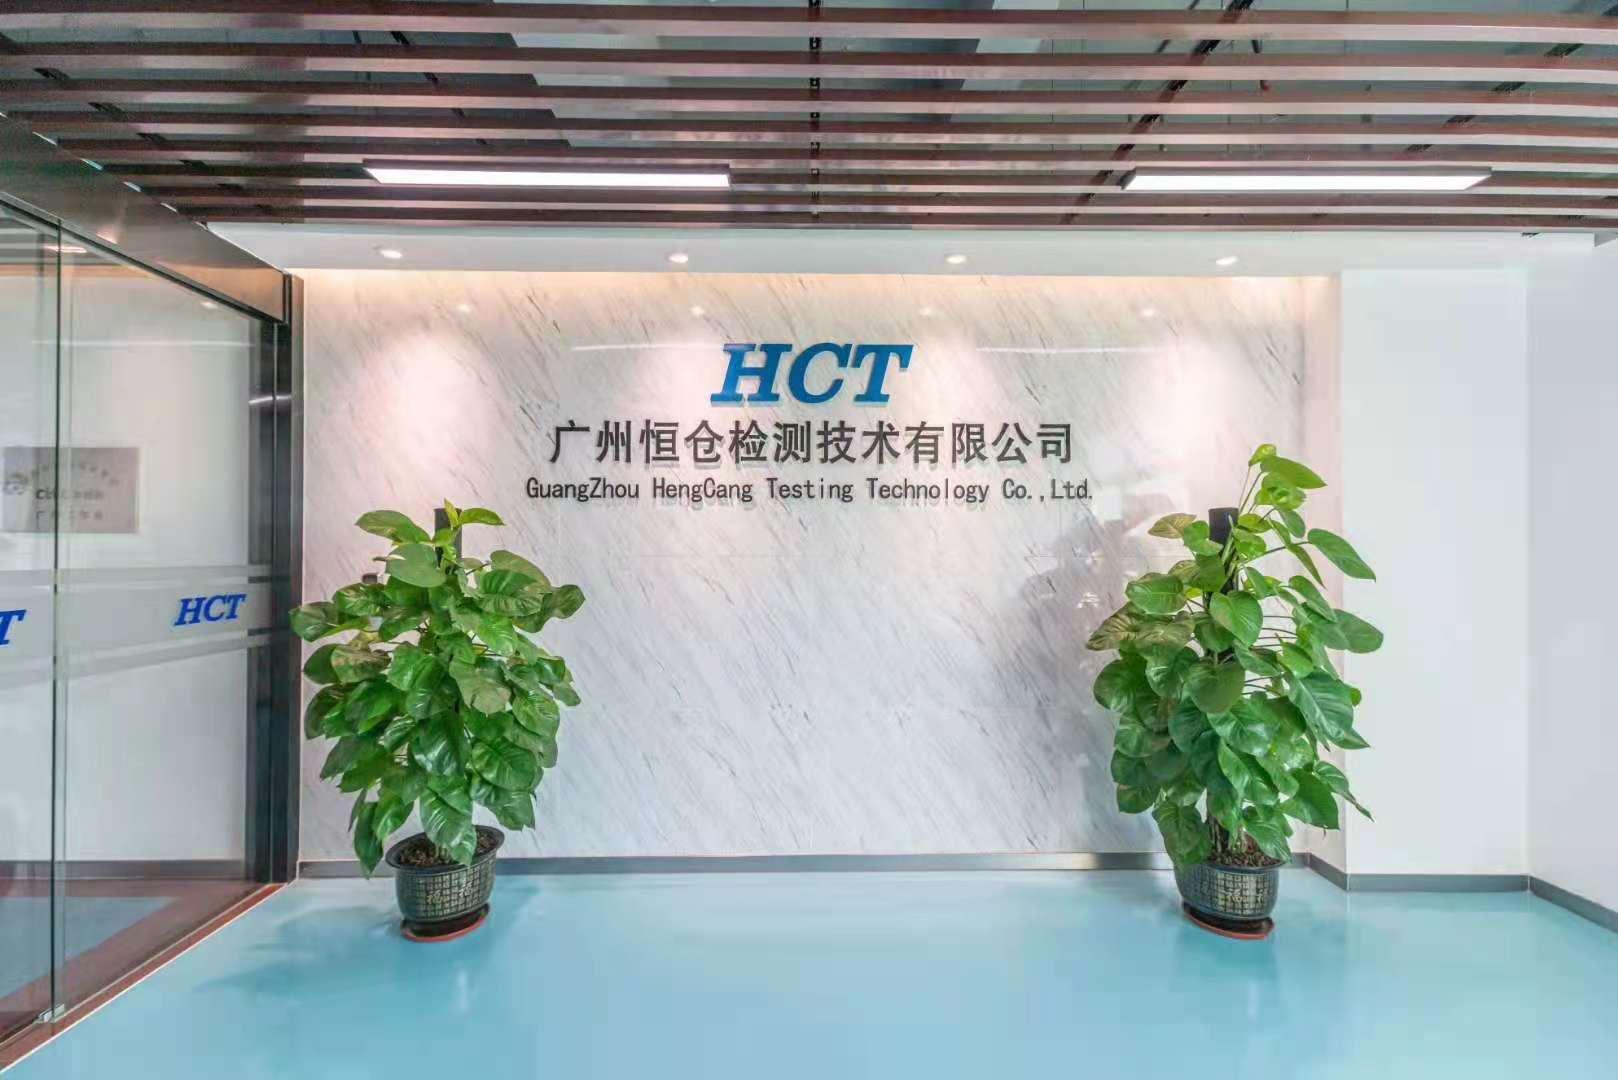 关于广州恒仓检测技术有限公司饶剑辉加入商会理事的公示